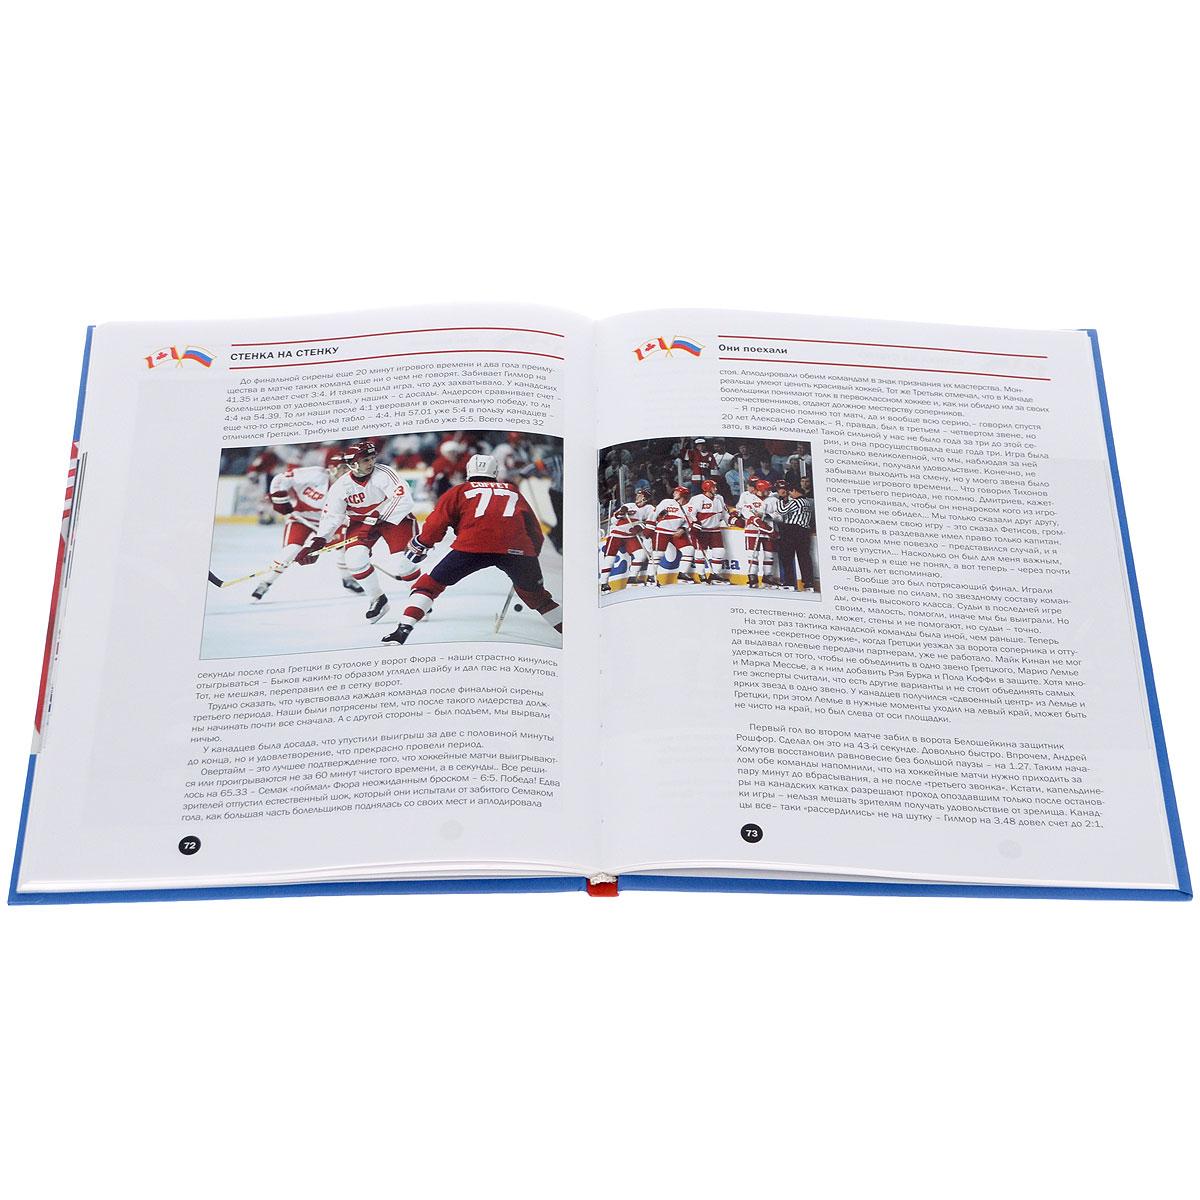 Стенка на стенку! Хоккейное противостояние Канада - Россия, Всеволод Кукушкин